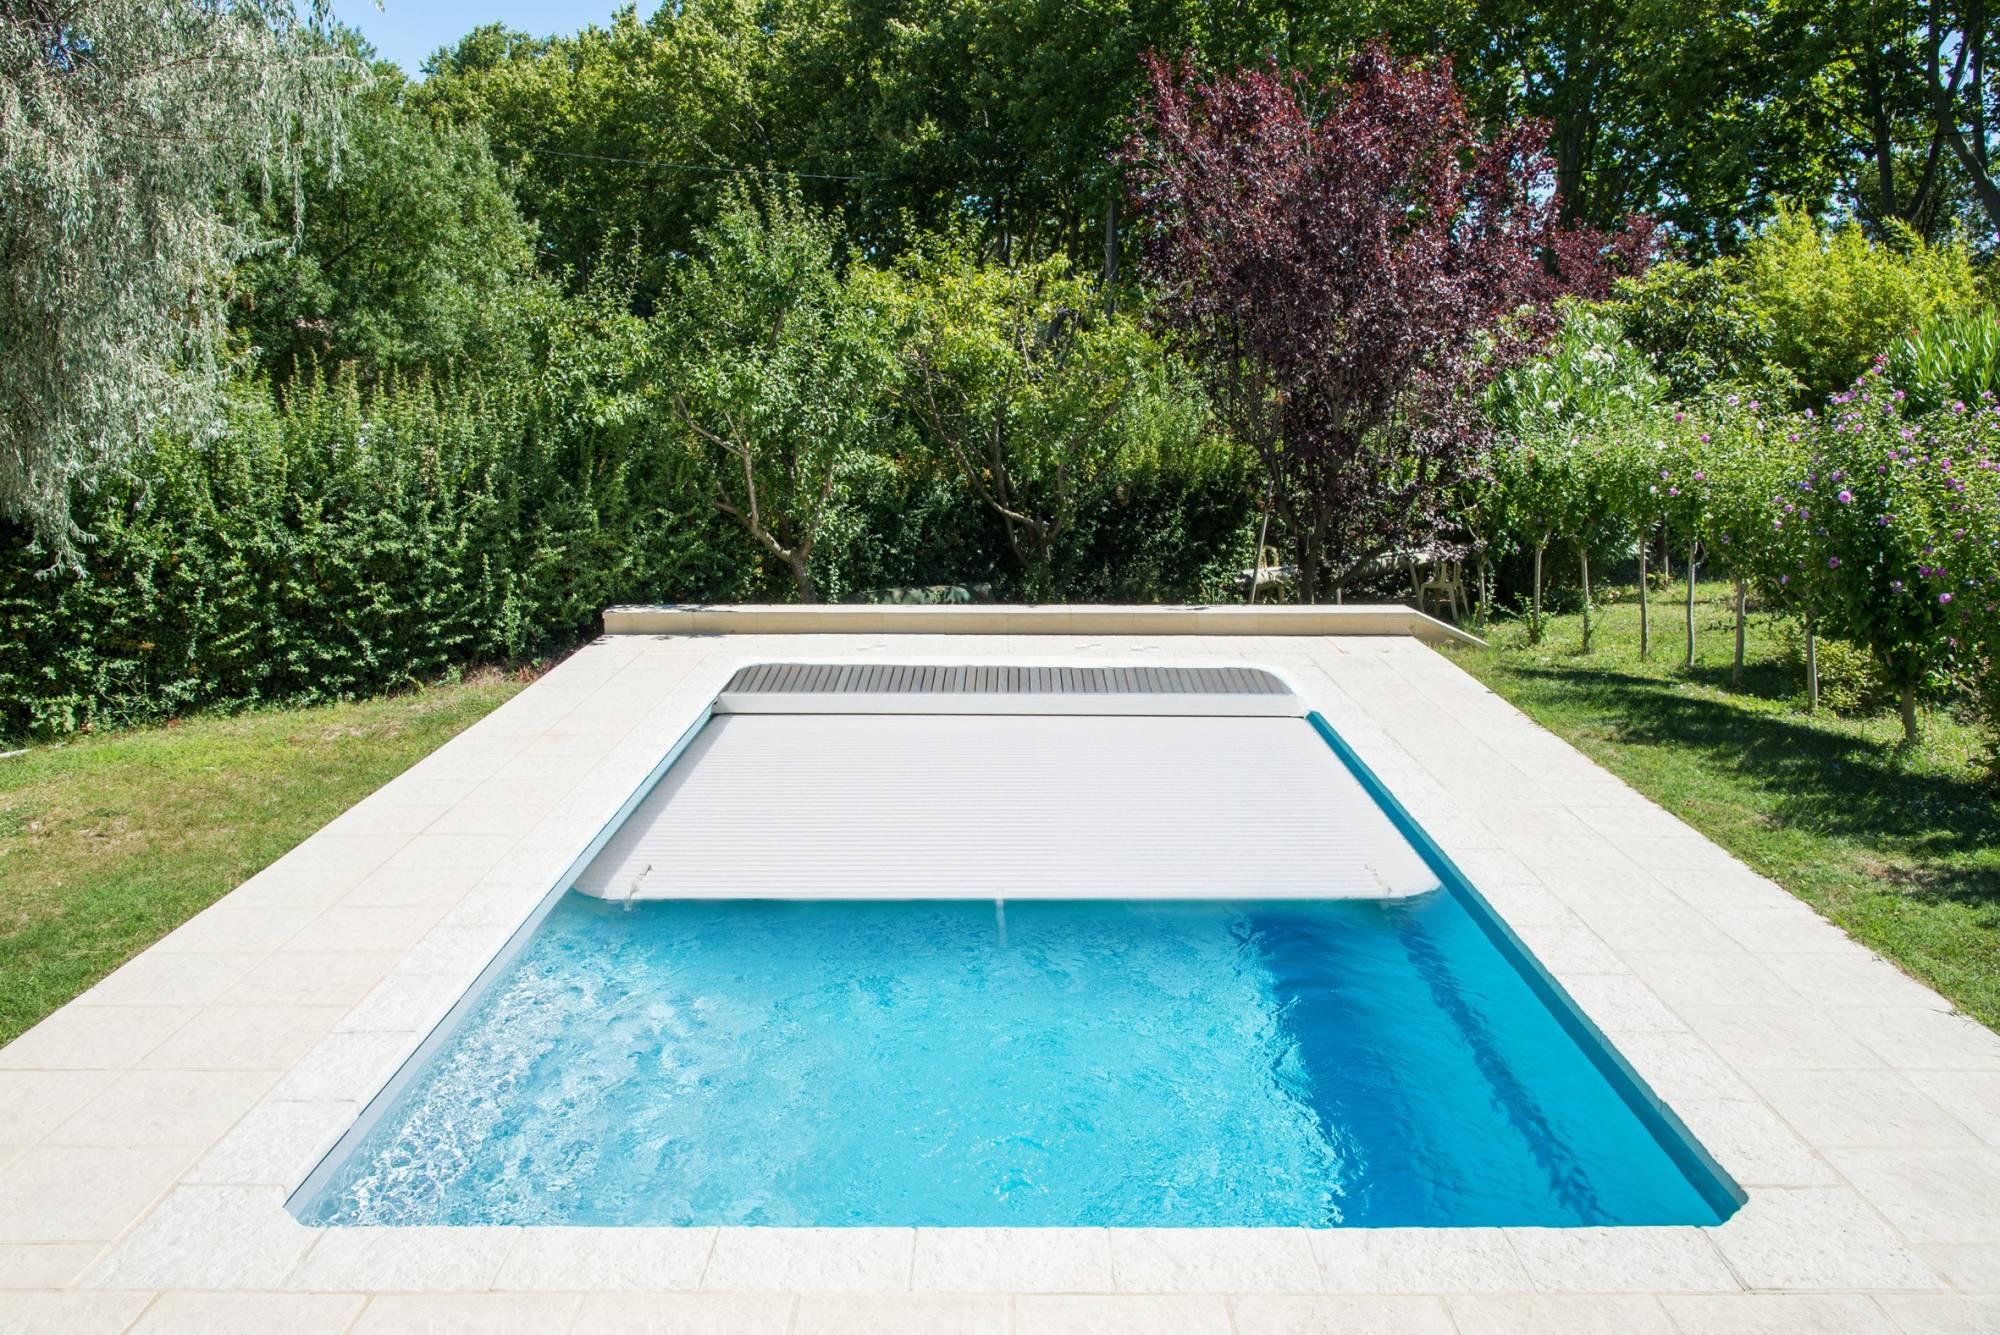 Pose livraison et installation piscine Bali Poitiers Vendée